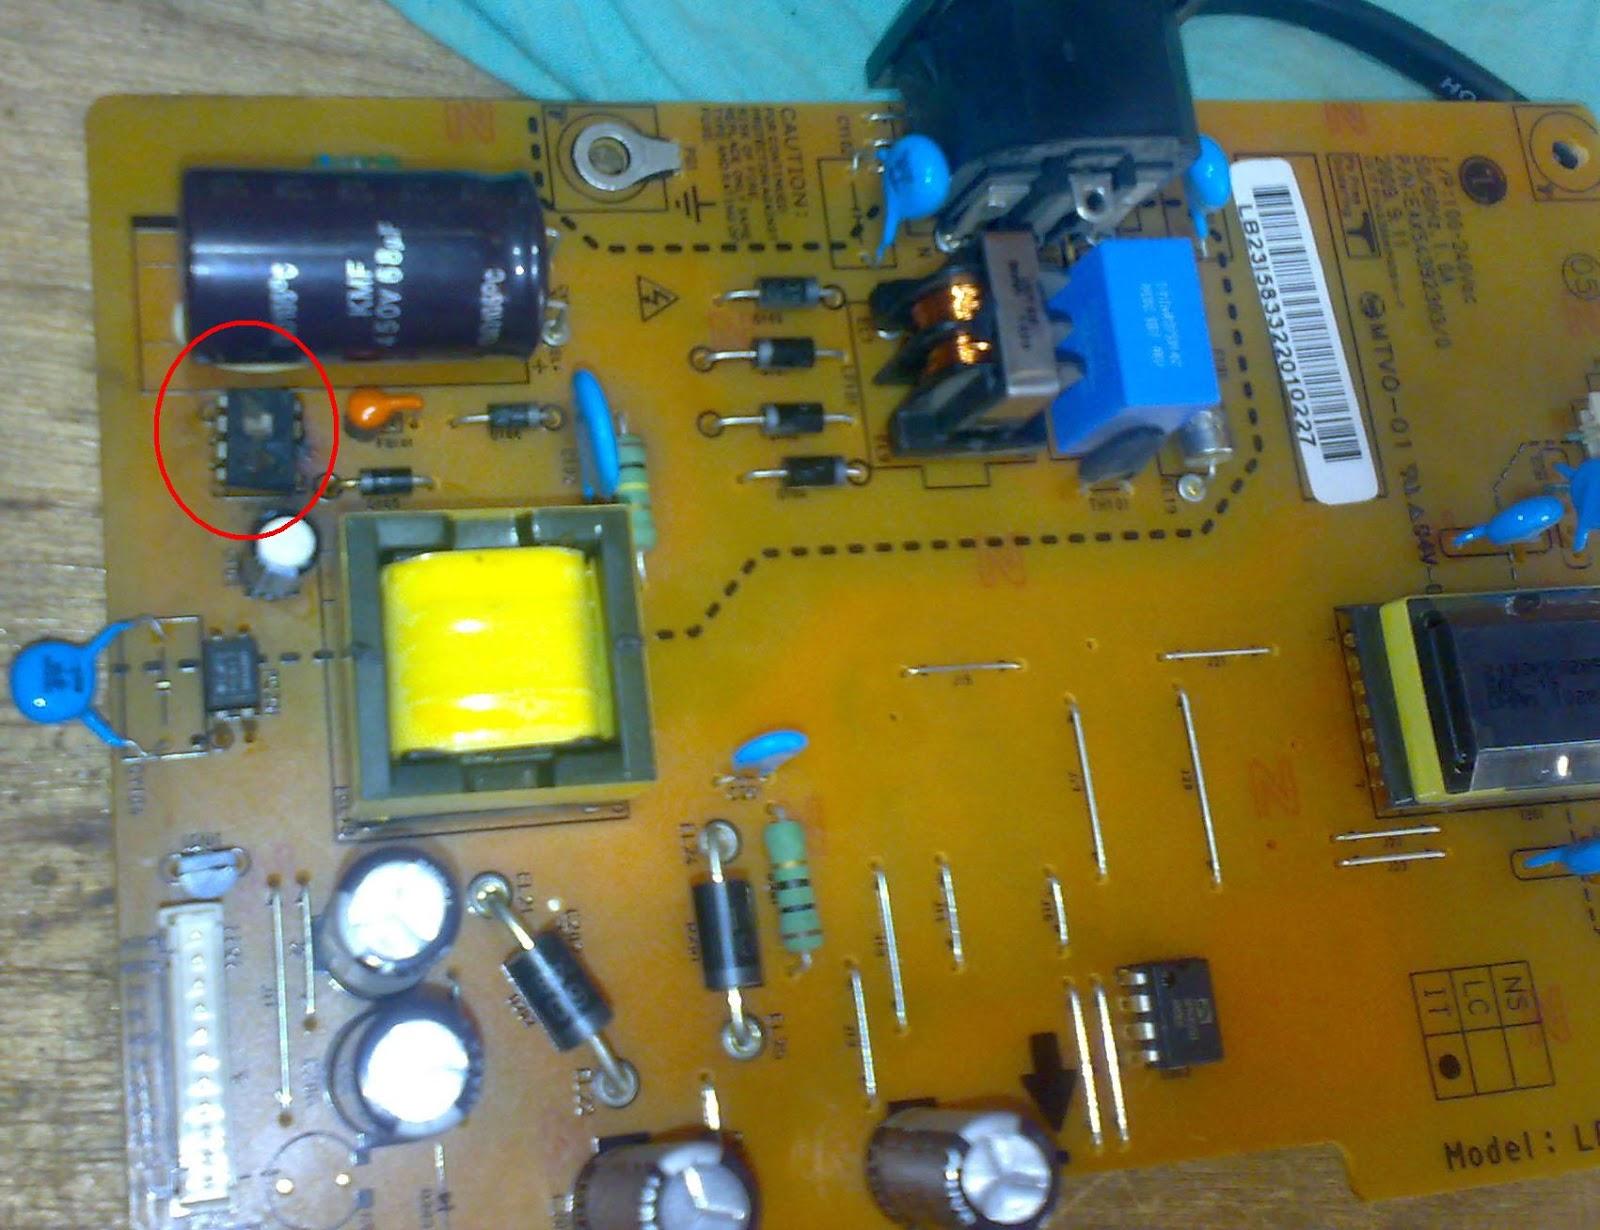 LCD FLATRON LG W1953SE MATI Tempat Perbaikan Hp Dan